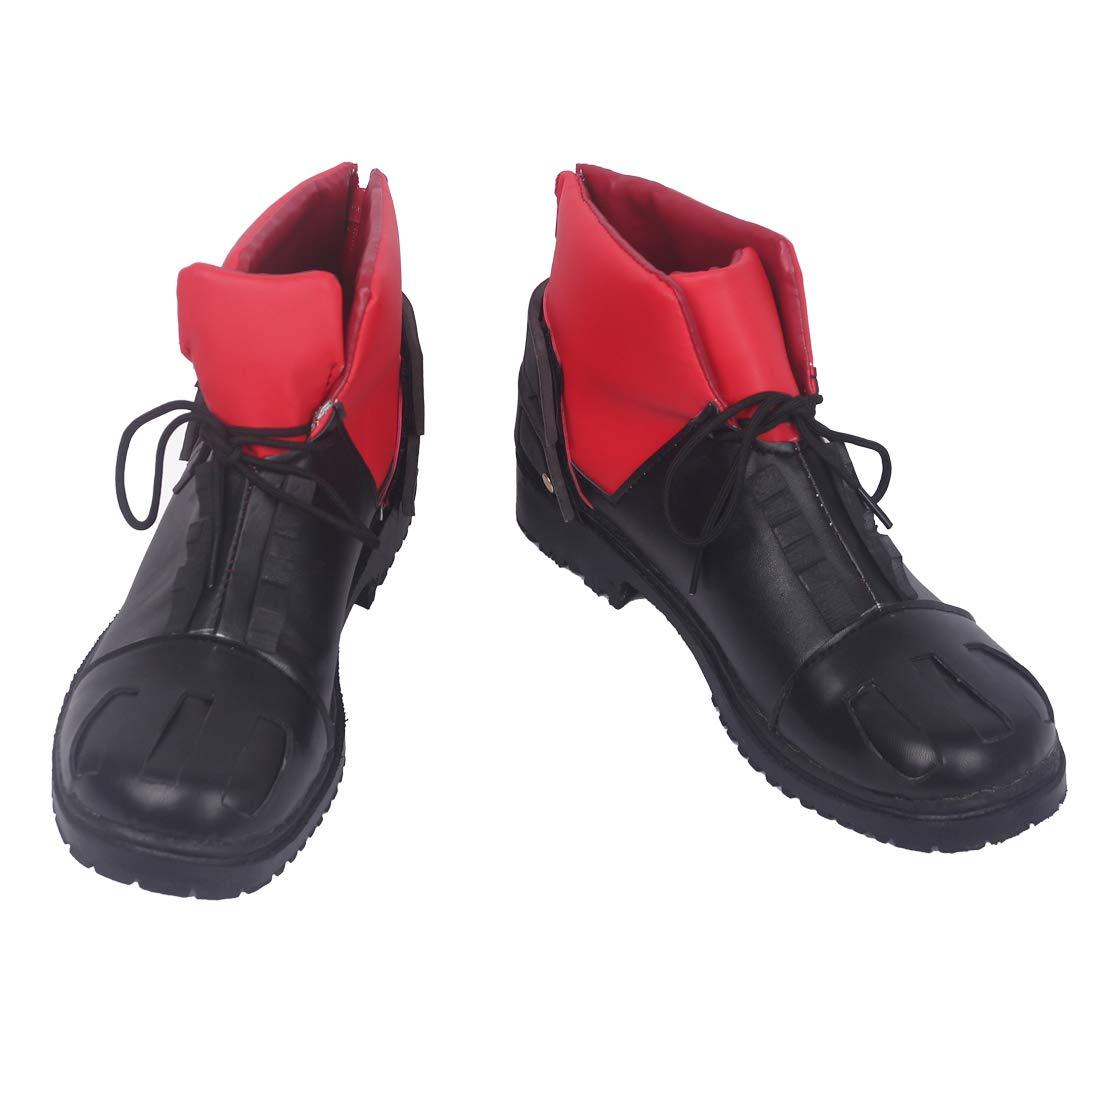 Marrol My Hero Academia Midoriya Izuku New Shoes Deku Black-red Fighting Boots Cosplay Halloween